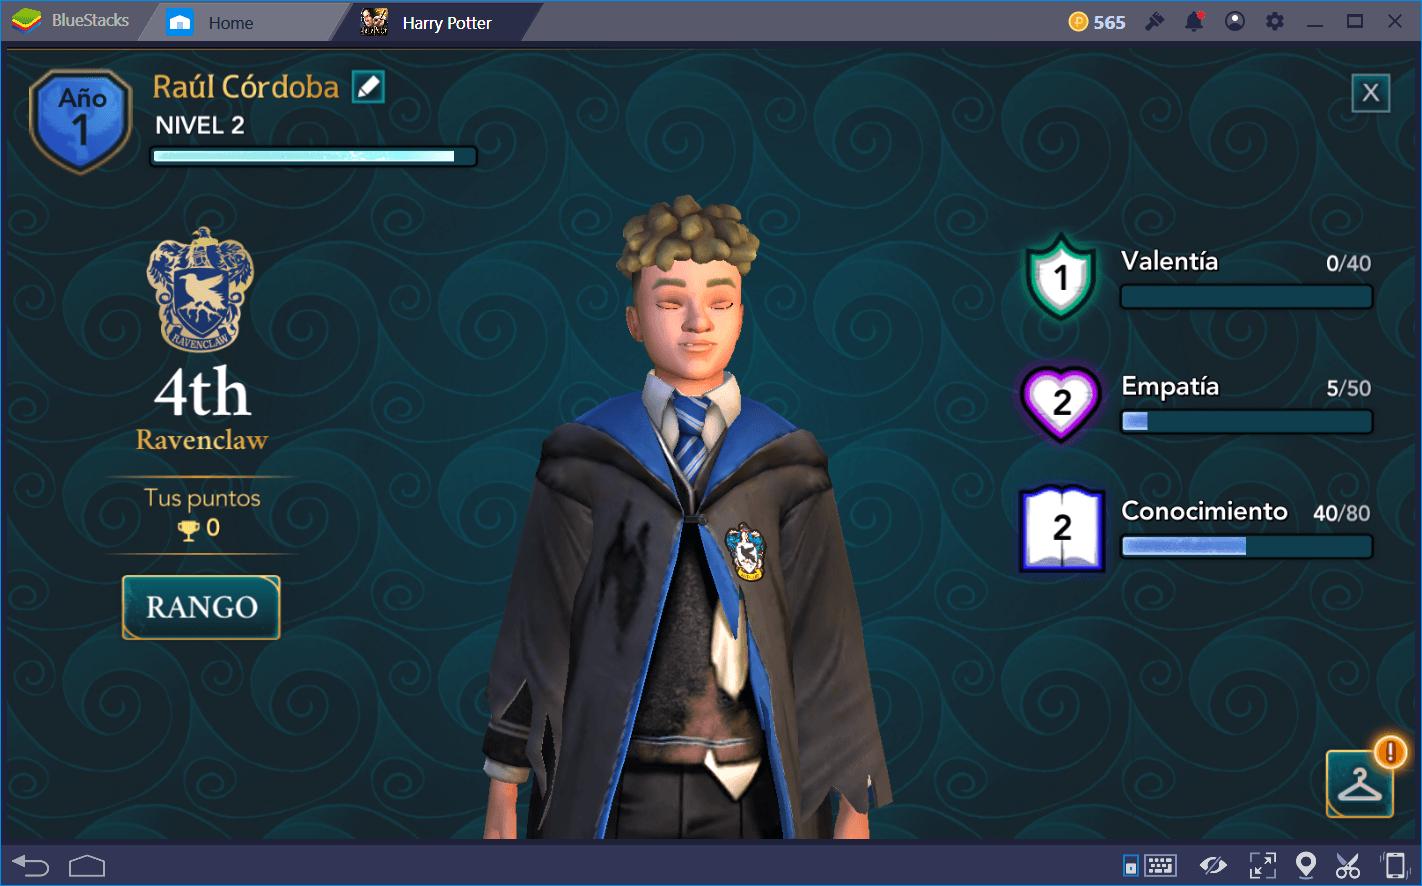 Cómo Influenciar a Personas y Hacer Amigos en Harry Potter: Hogwarts Mystery